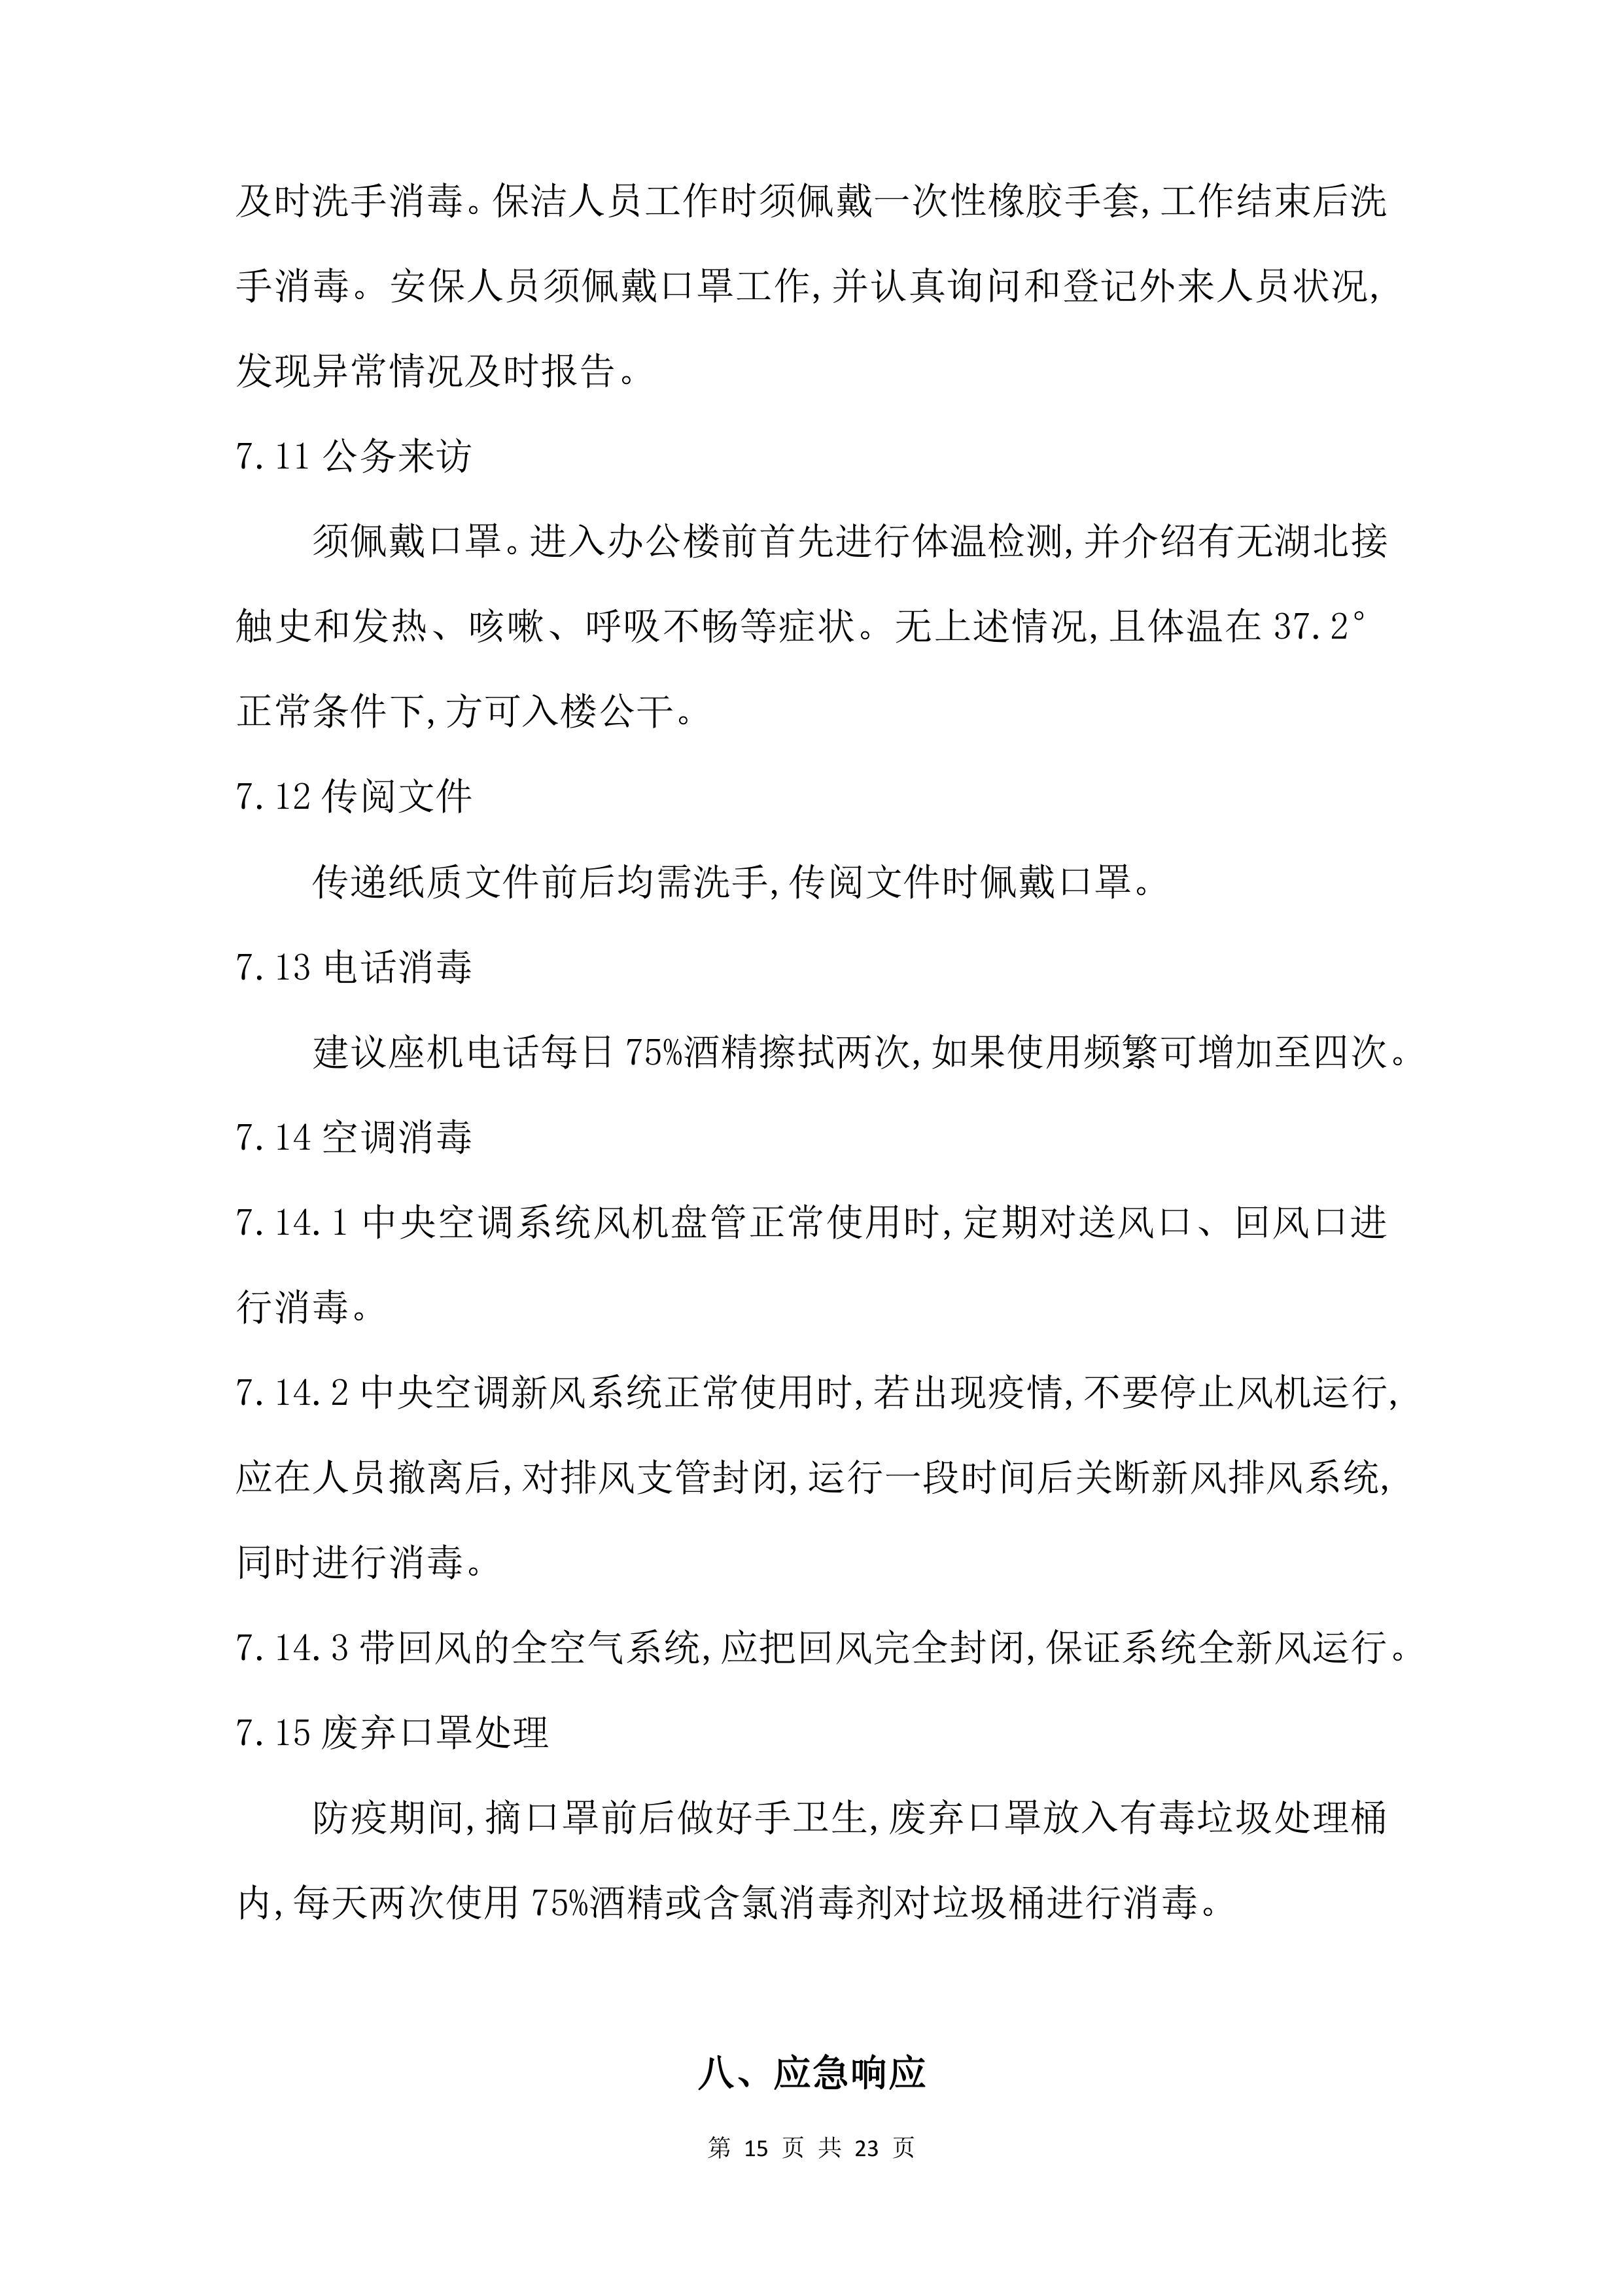 第18頁.jpg